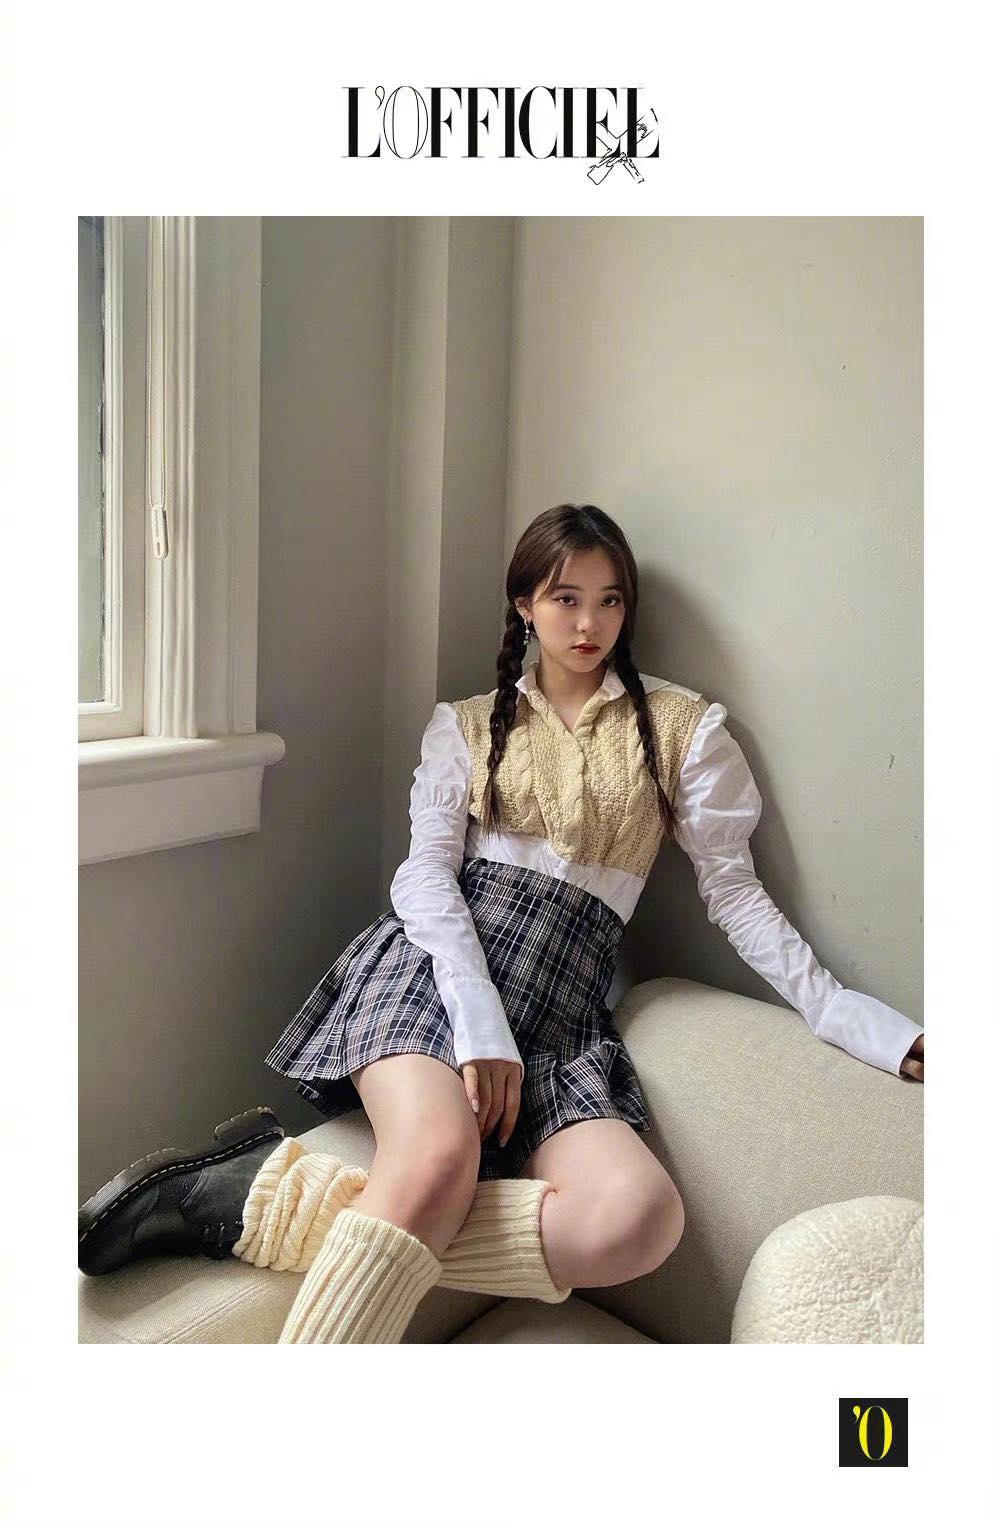 Mỹ nhân Cbiz đọ sắc trong tạo hình nữ sinh: Dương Mịch xinh 'nhức nách', Triệu Lộ Tư tấu hài cực mạnh 3